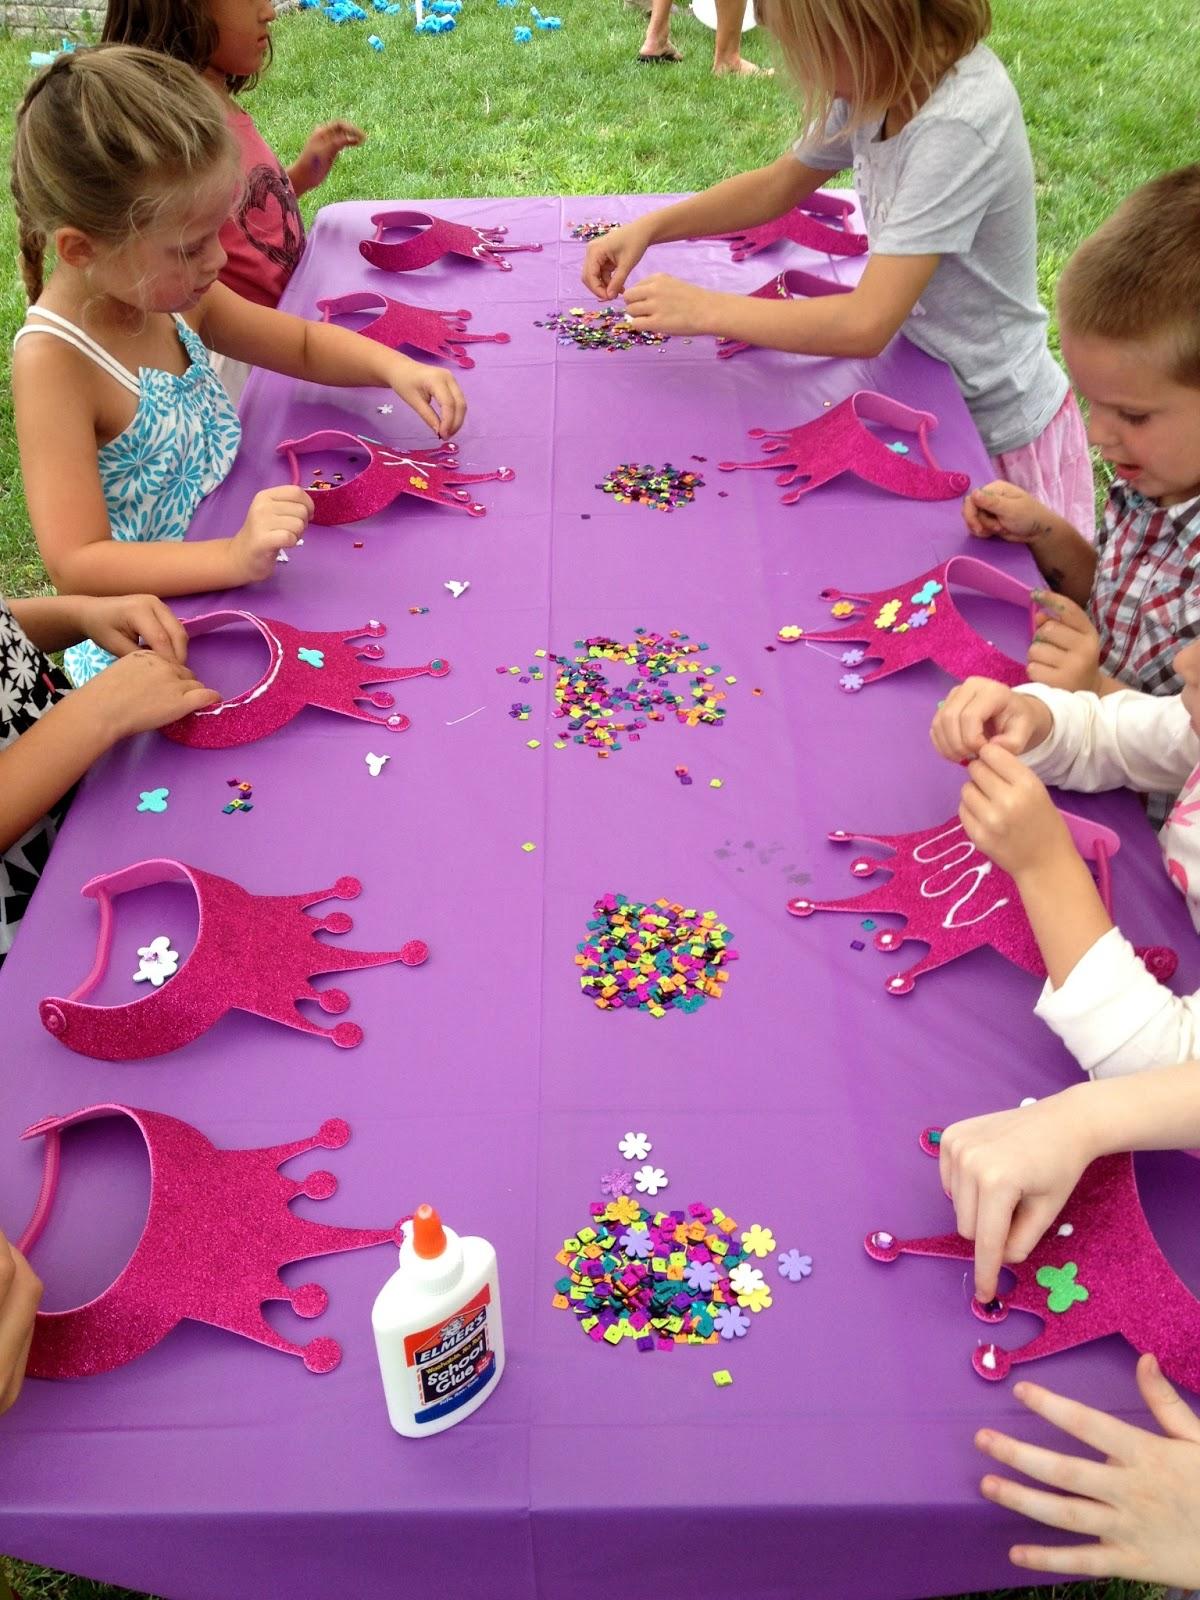 Festa a tema principesse fai da te for Princess birthday party crafts